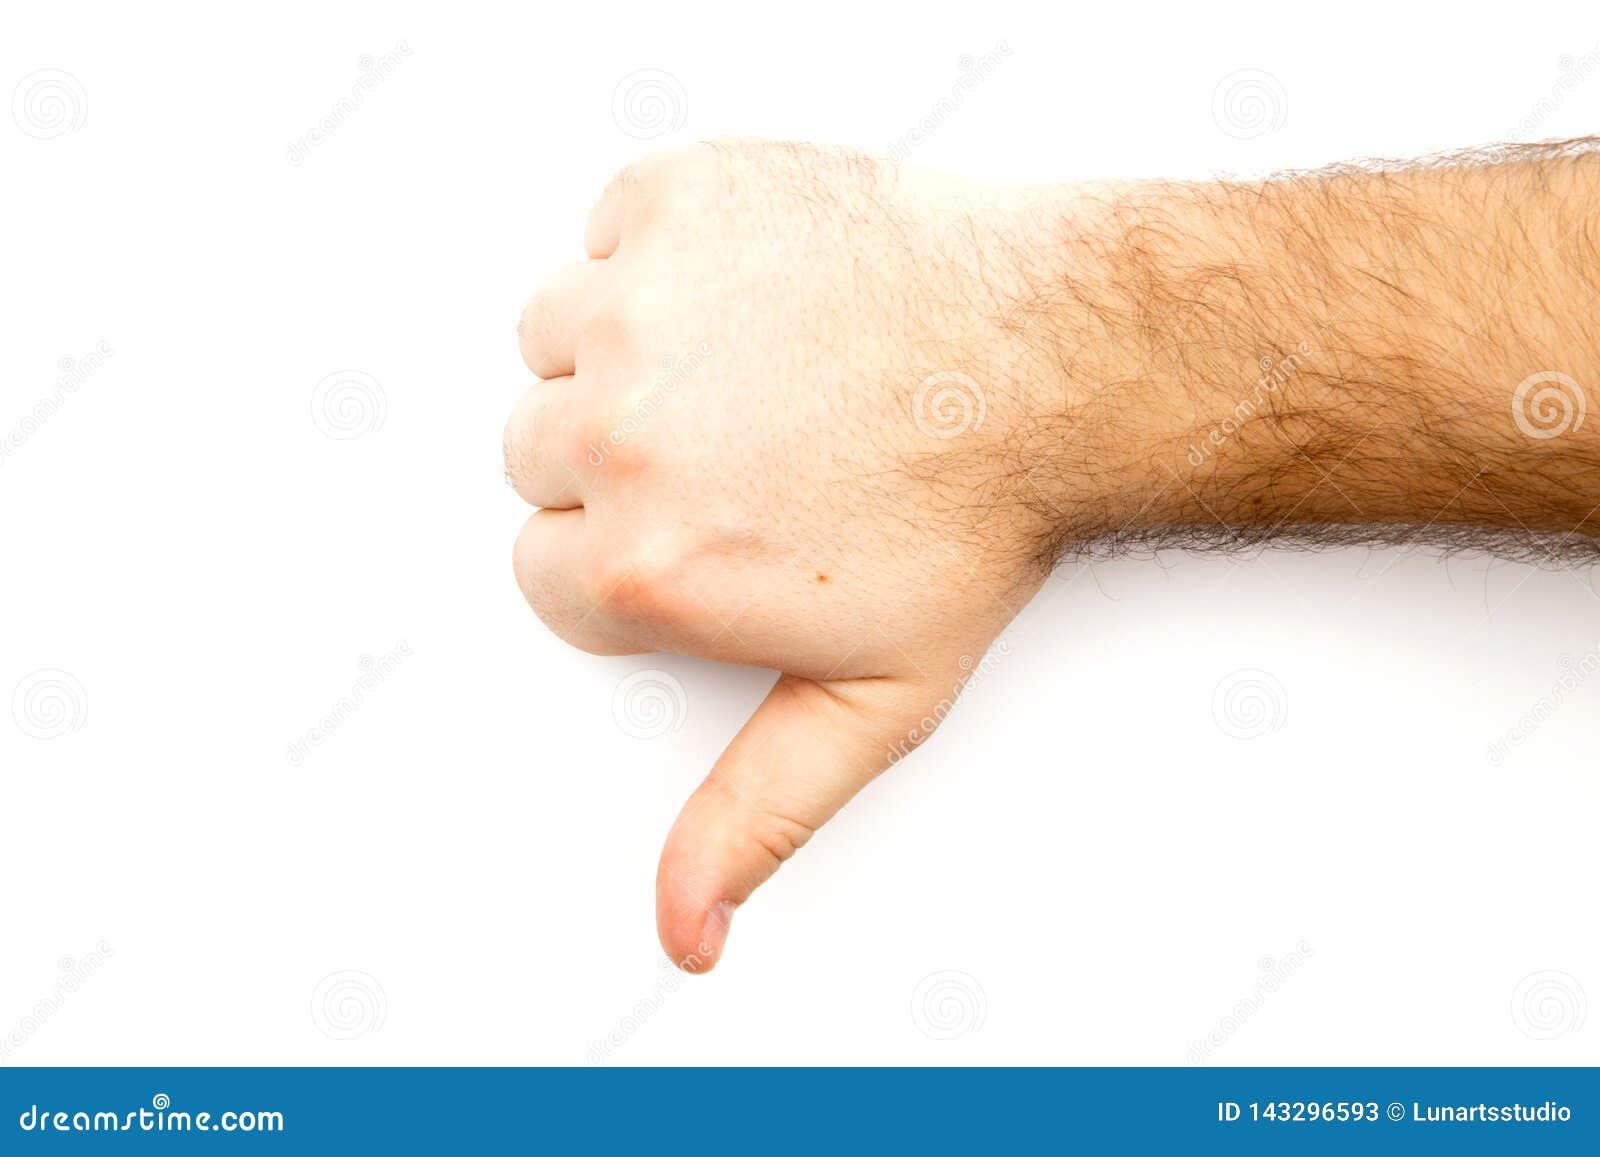 Męska kosmata ręka seansu niechęć, w przeciwieństwie do, nie udać się, nie zgadzać się znaka, kciuka puszka rękę z białym tłem i